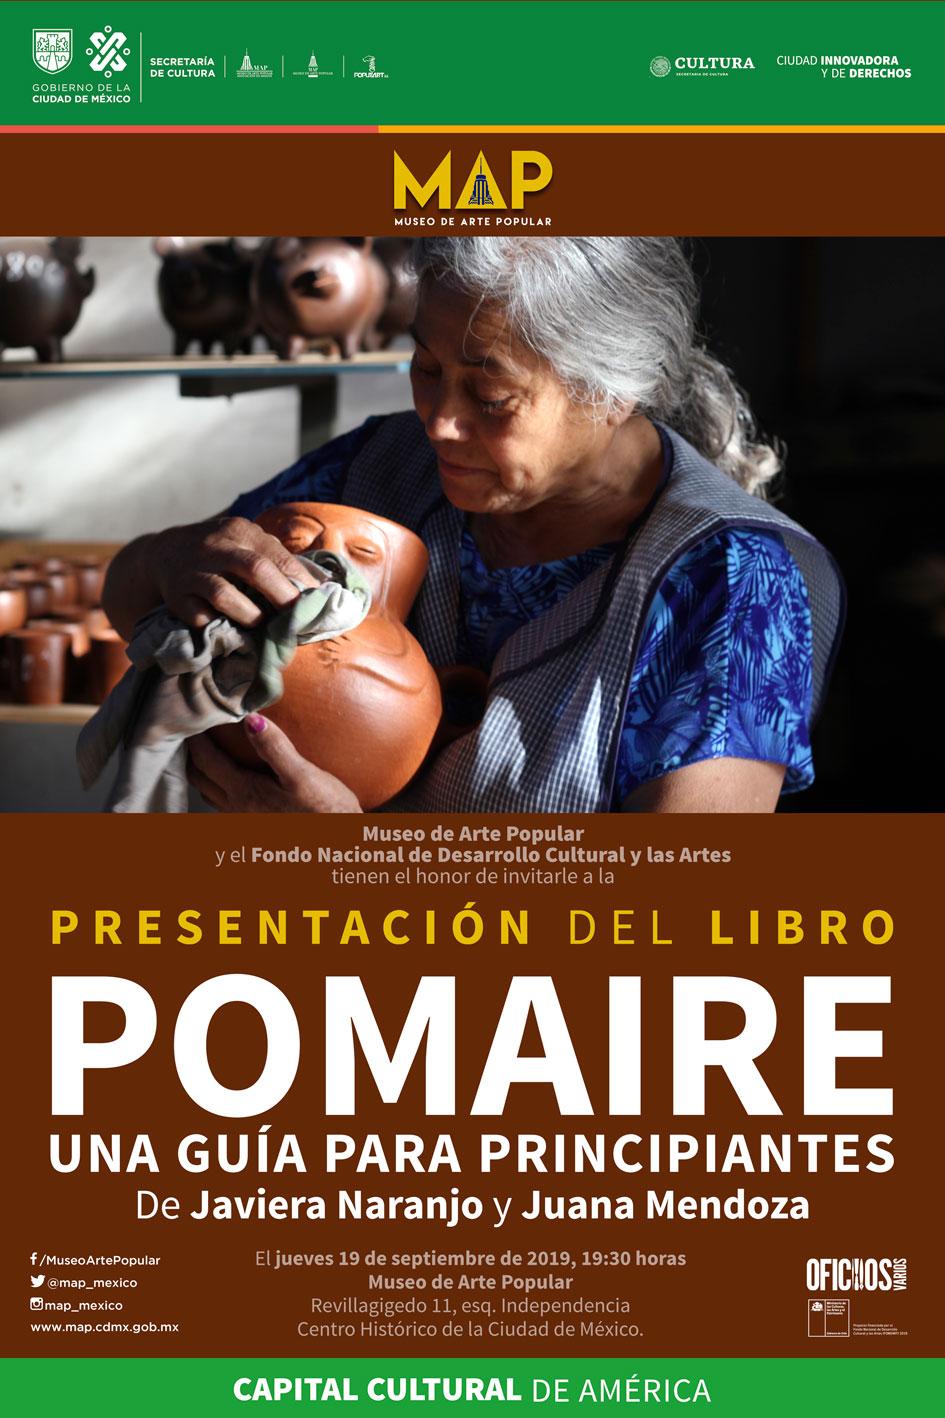 pomaire_cms.jpg